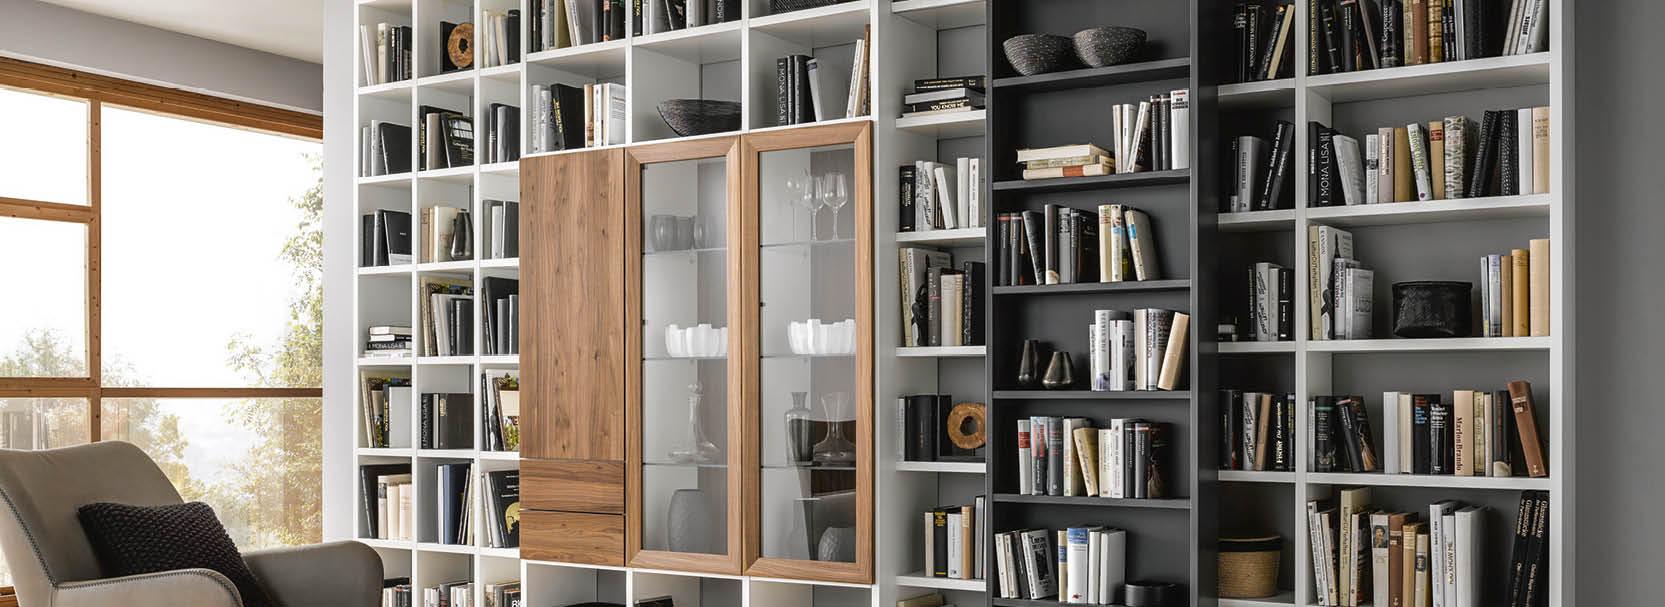 das wohnzimmer. Black Bedroom Furniture Sets. Home Design Ideas